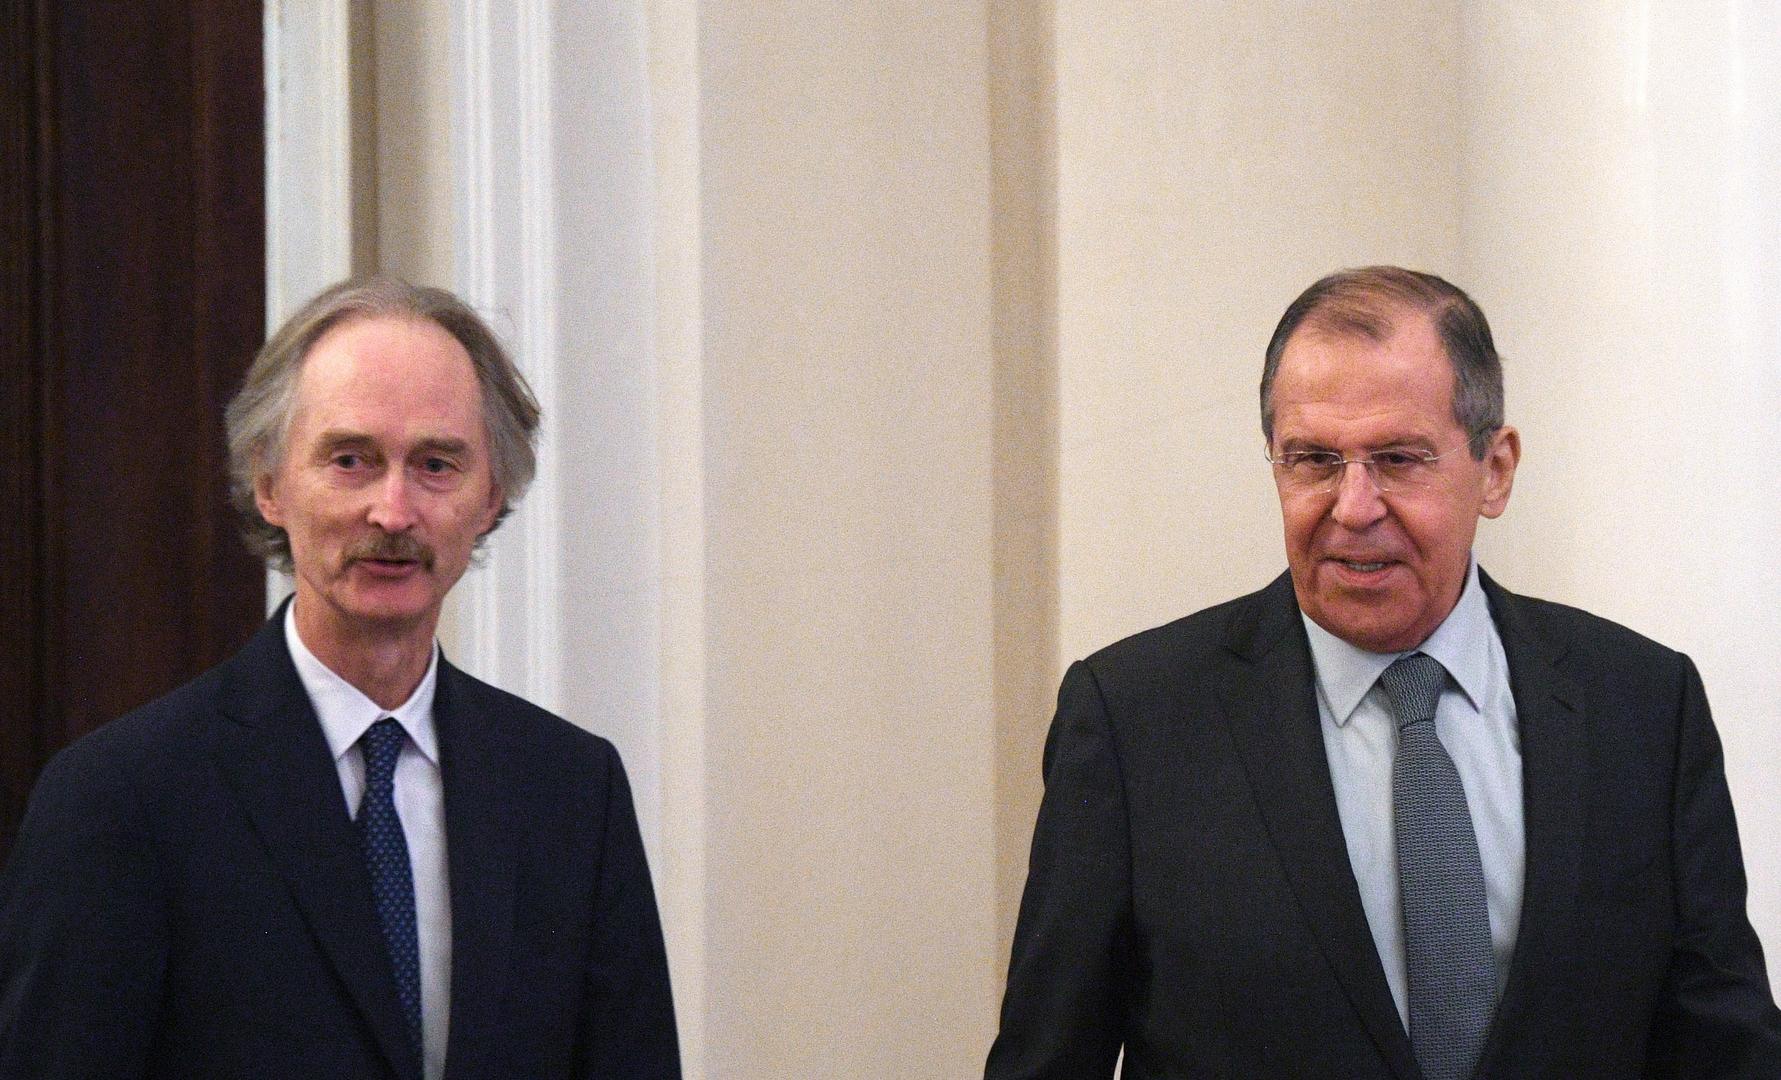 وزير الخارجية الروسي، سيرغي لافروف، والمبعوث الأممي الخاص إلى سوريا، غير بيدرسن (موسكو، 21 يناير 2019).